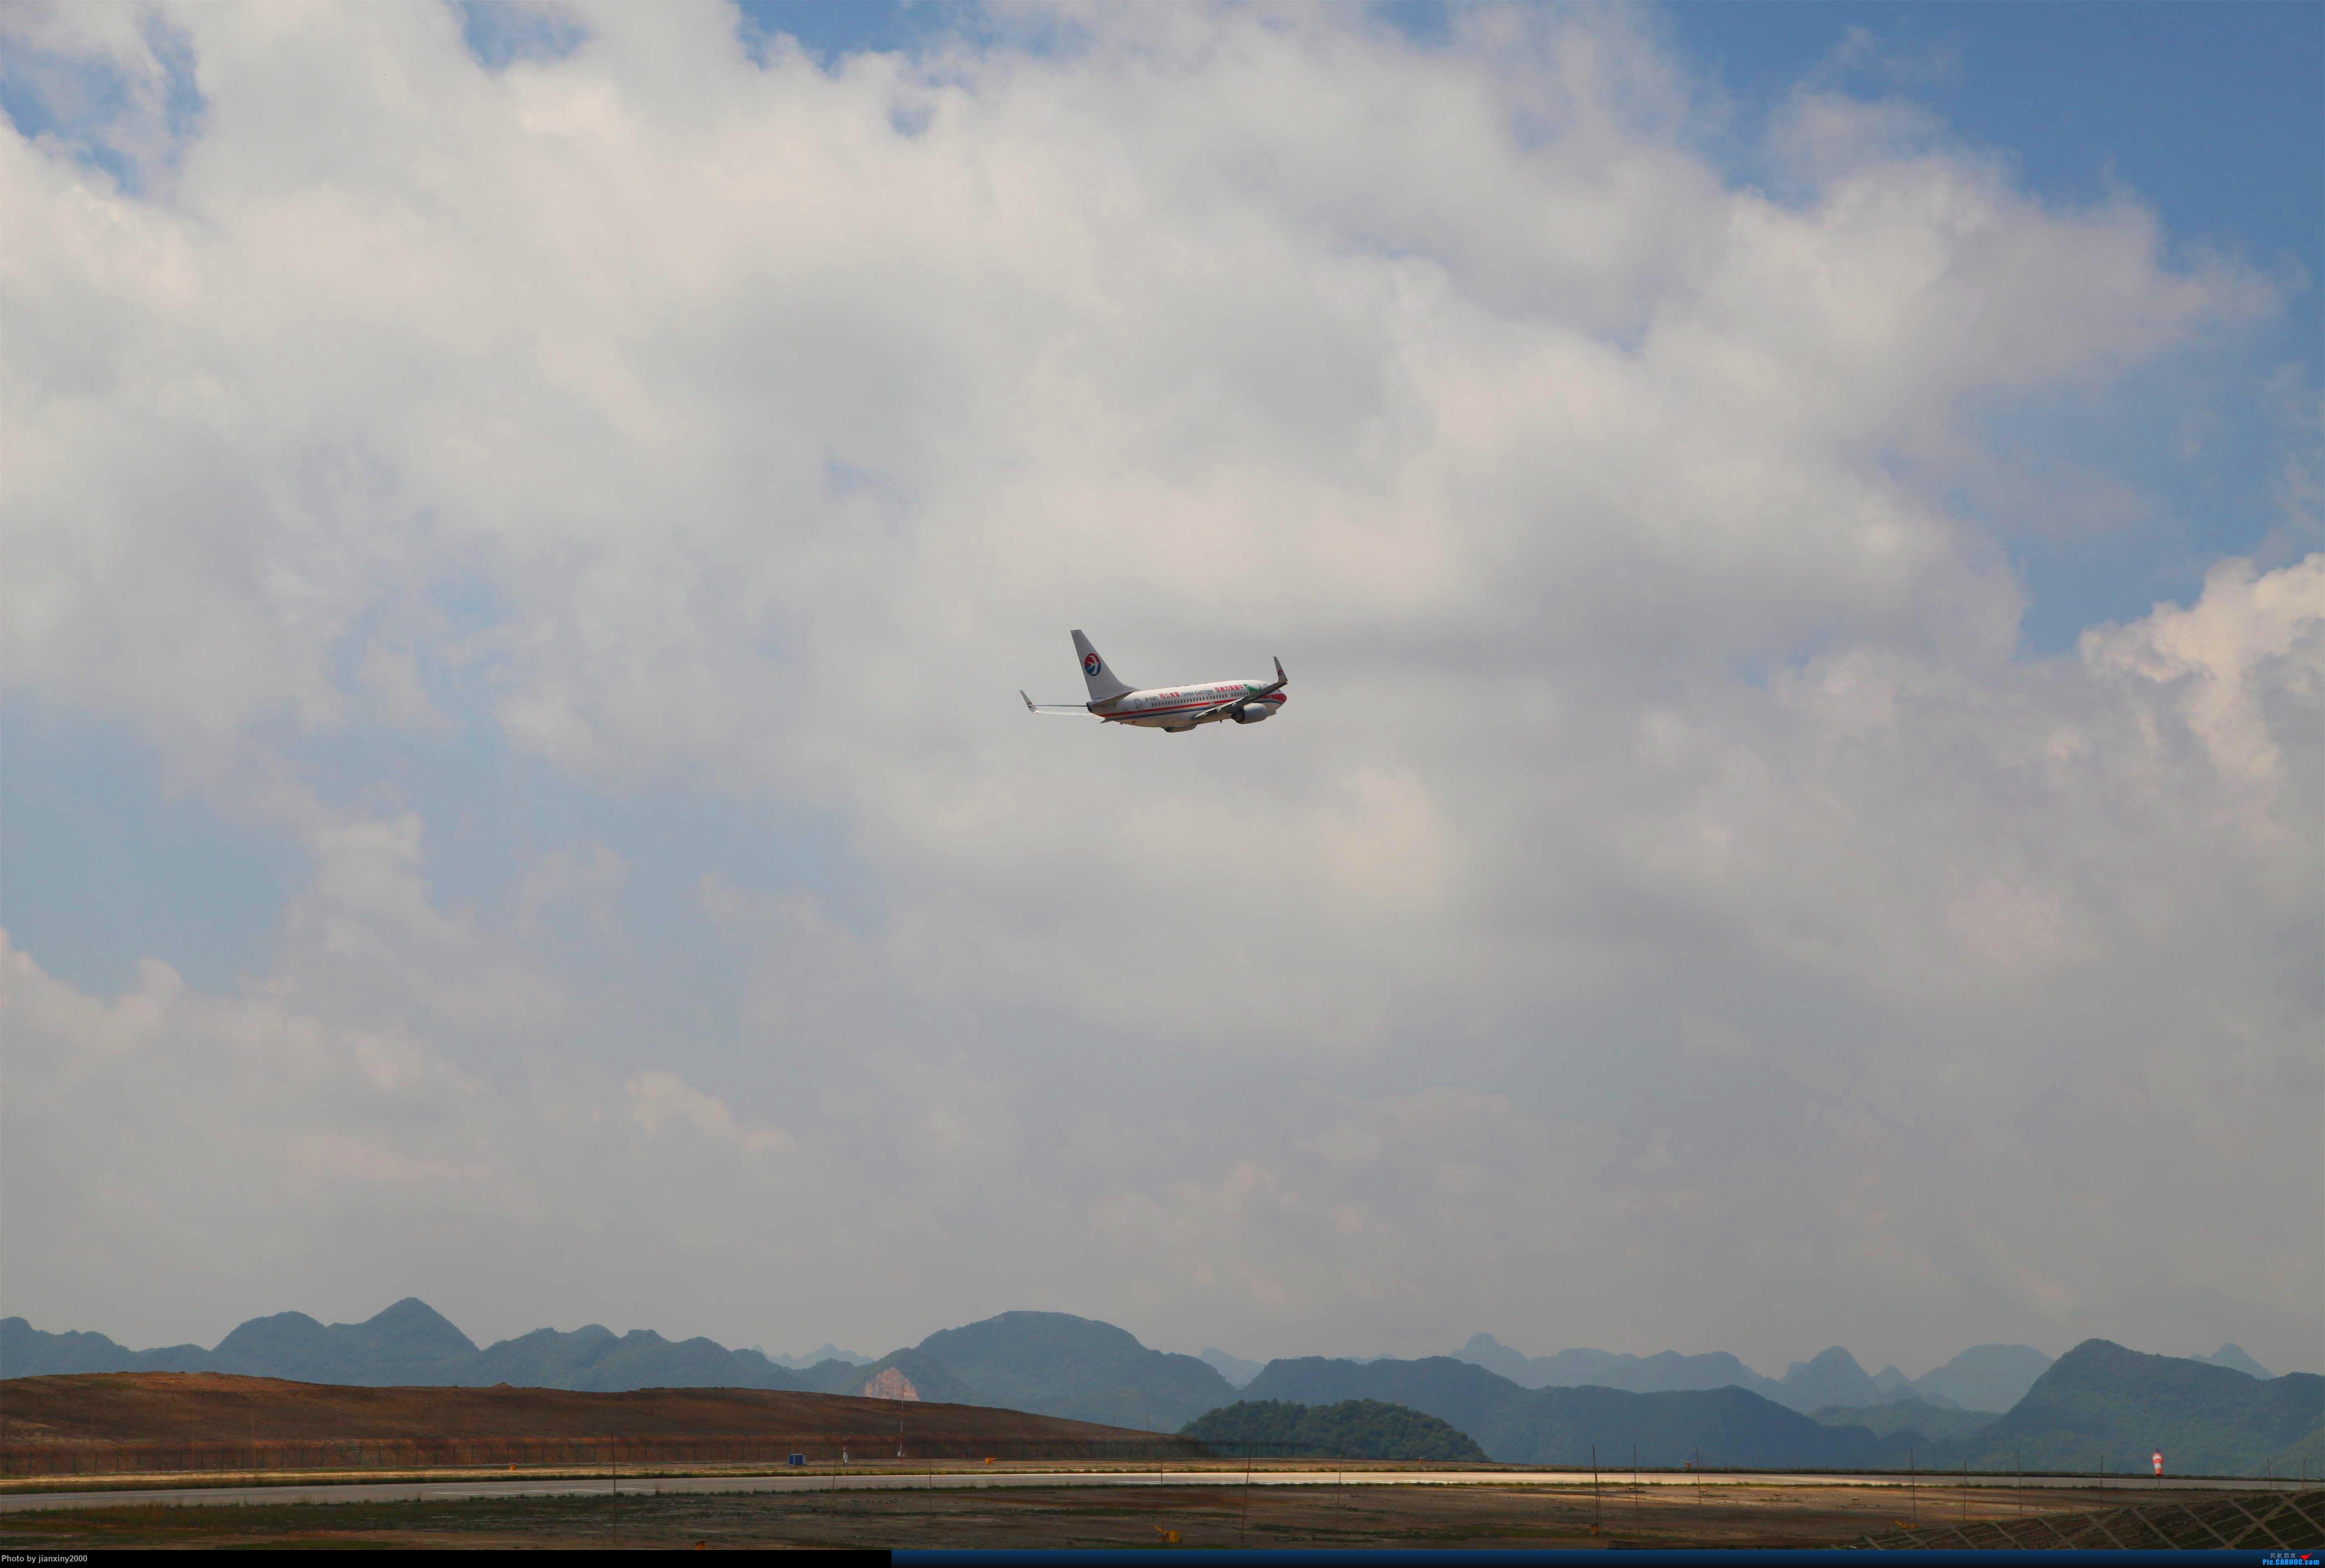 Re:[原创]东航MU5816冲上云霄 BOEING 737-700  月照机场航管楼